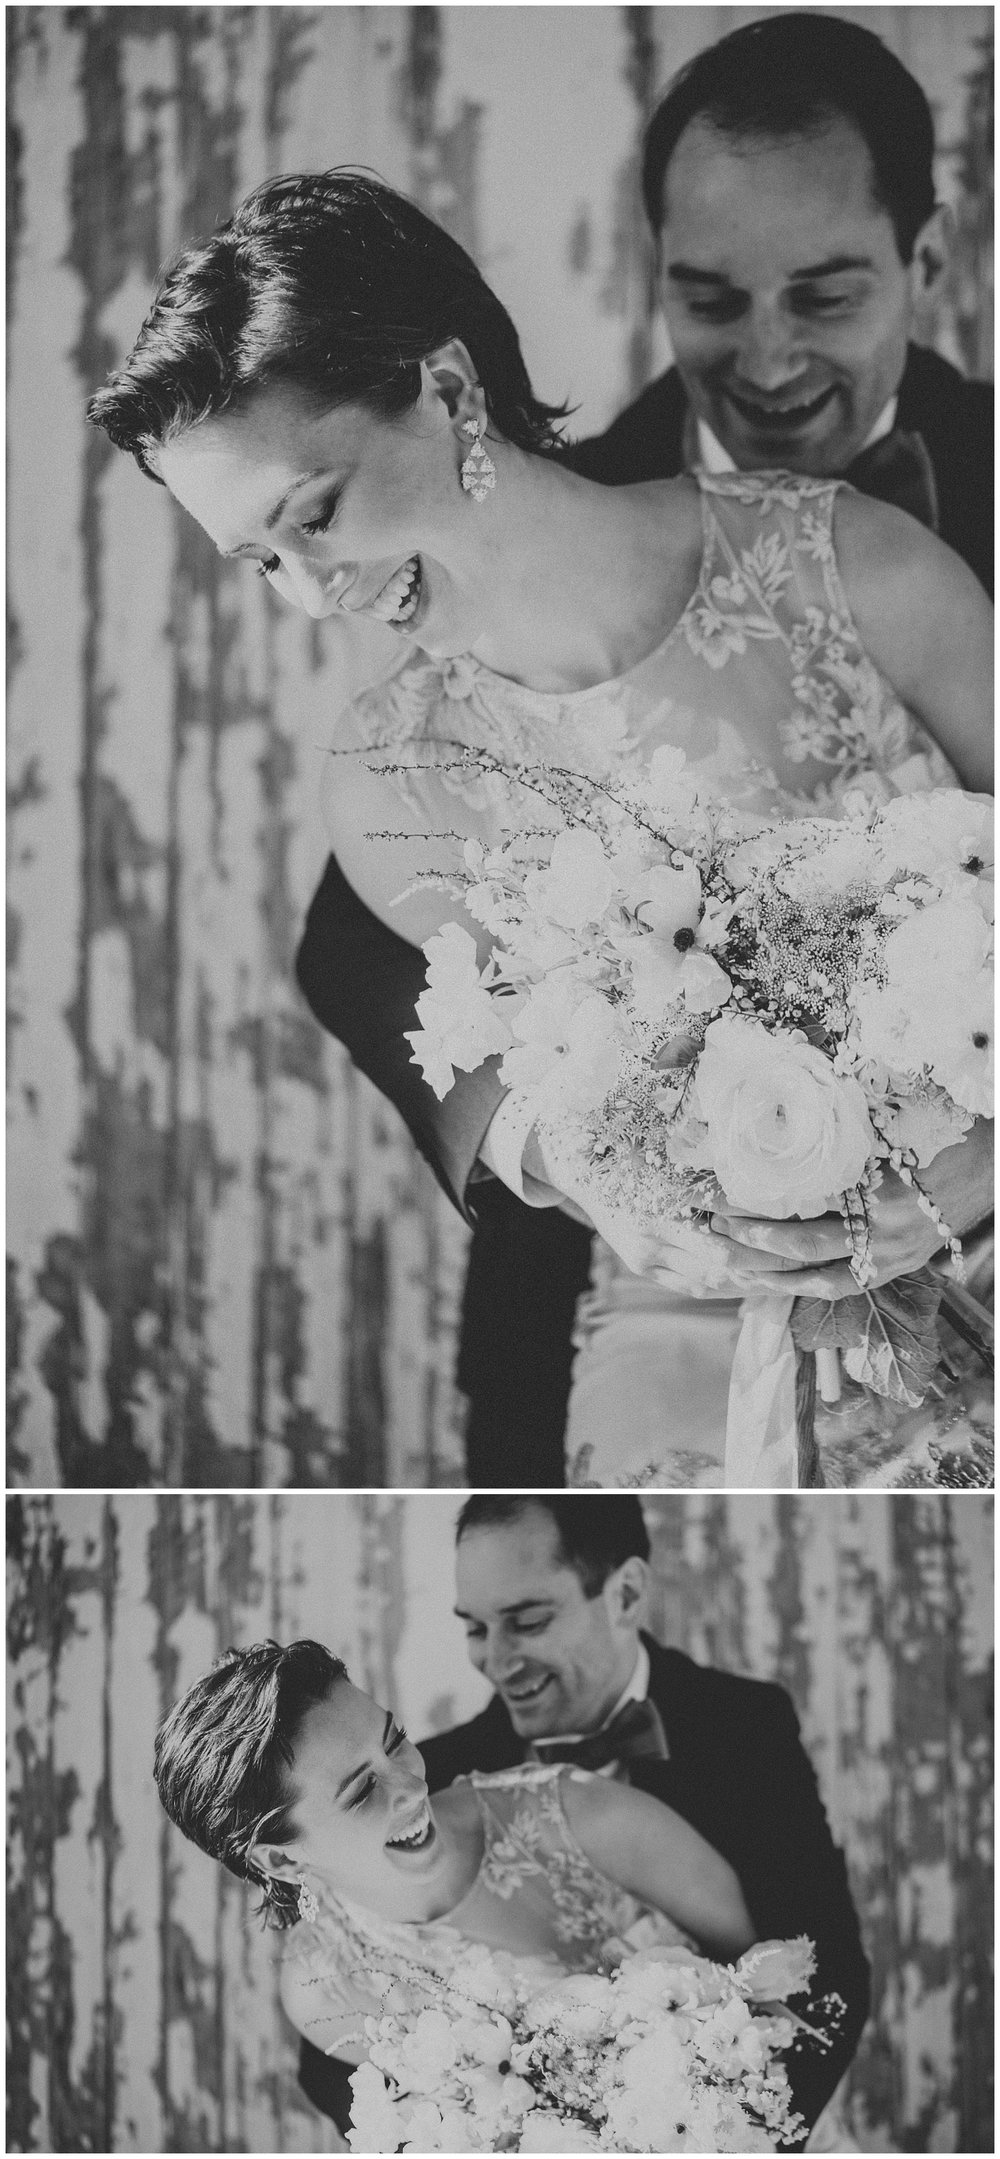 Pocono Winter Wedding with Bride and Groom_0176.jpg